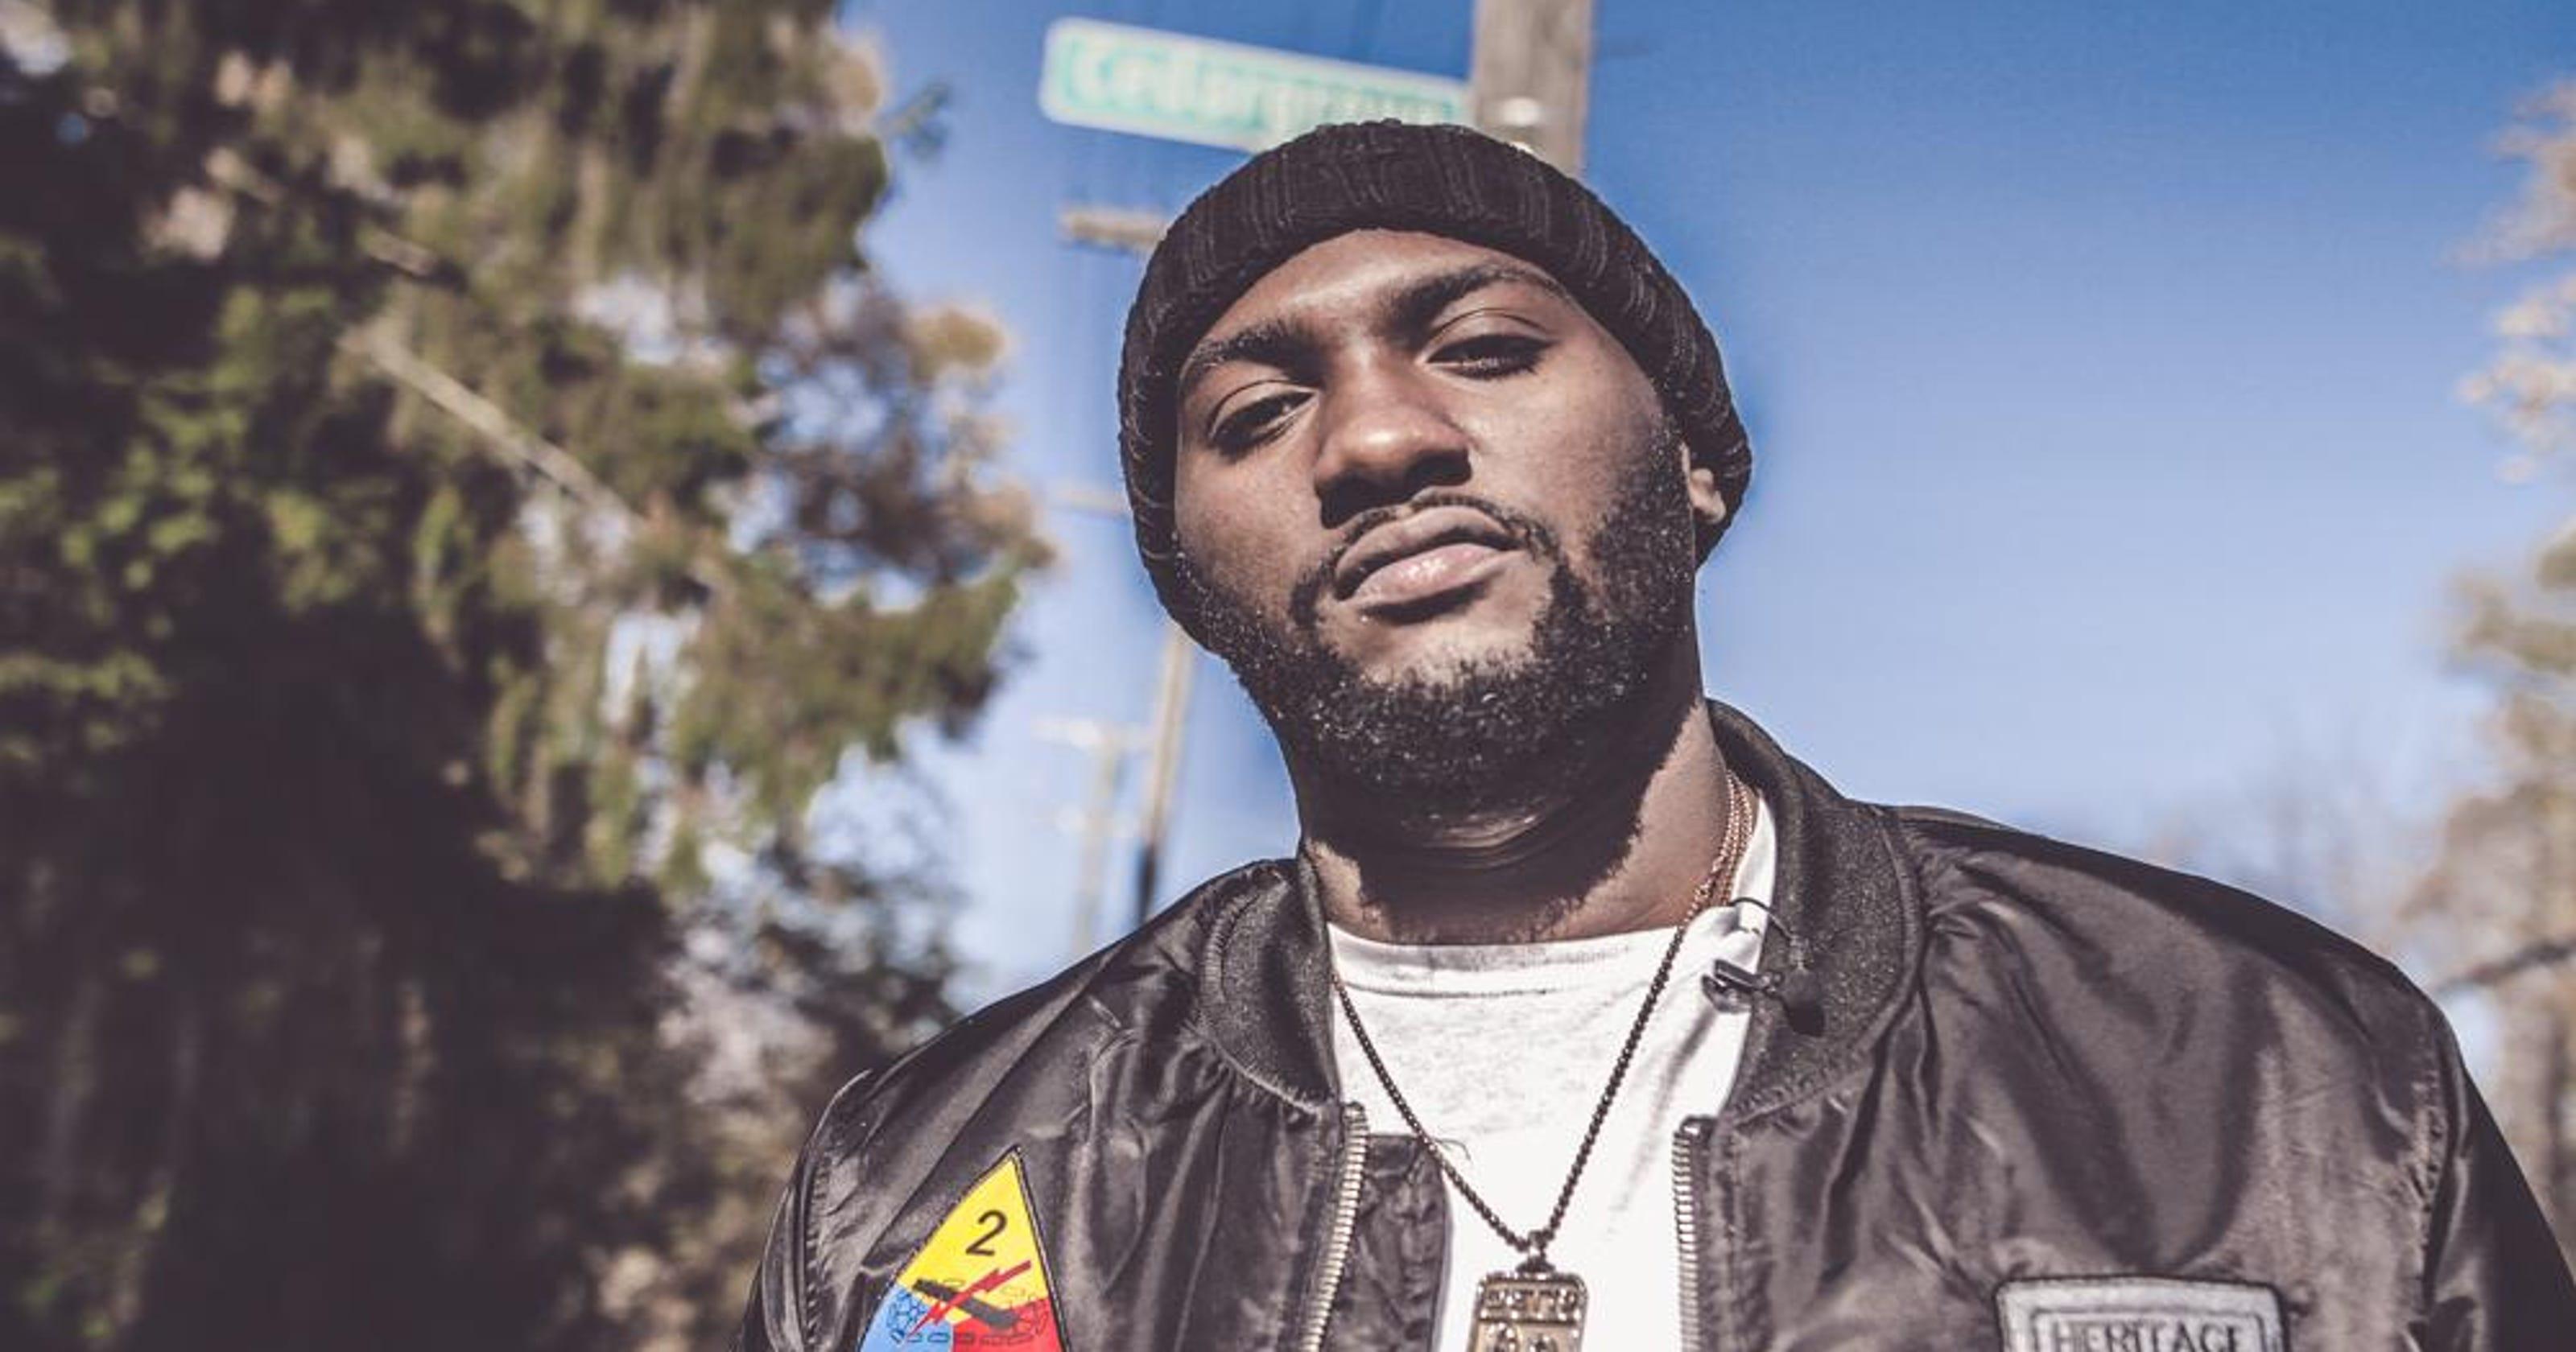 Detroit rapper shot in Warren